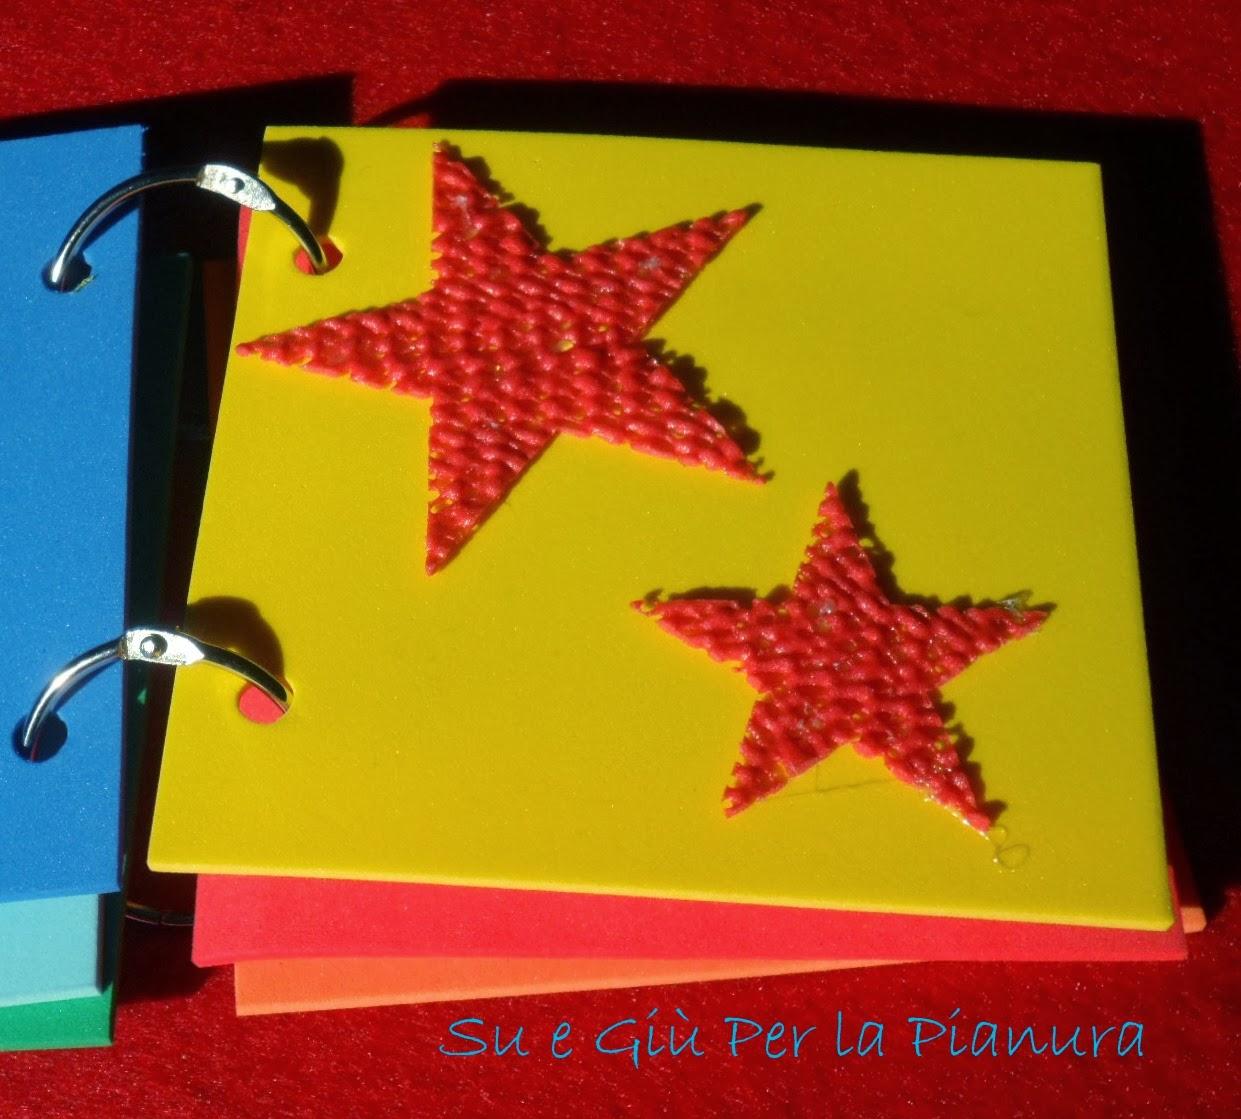 Molto Su e giu per la Pianura Padana: Creare libri 18: libro tattile MX02